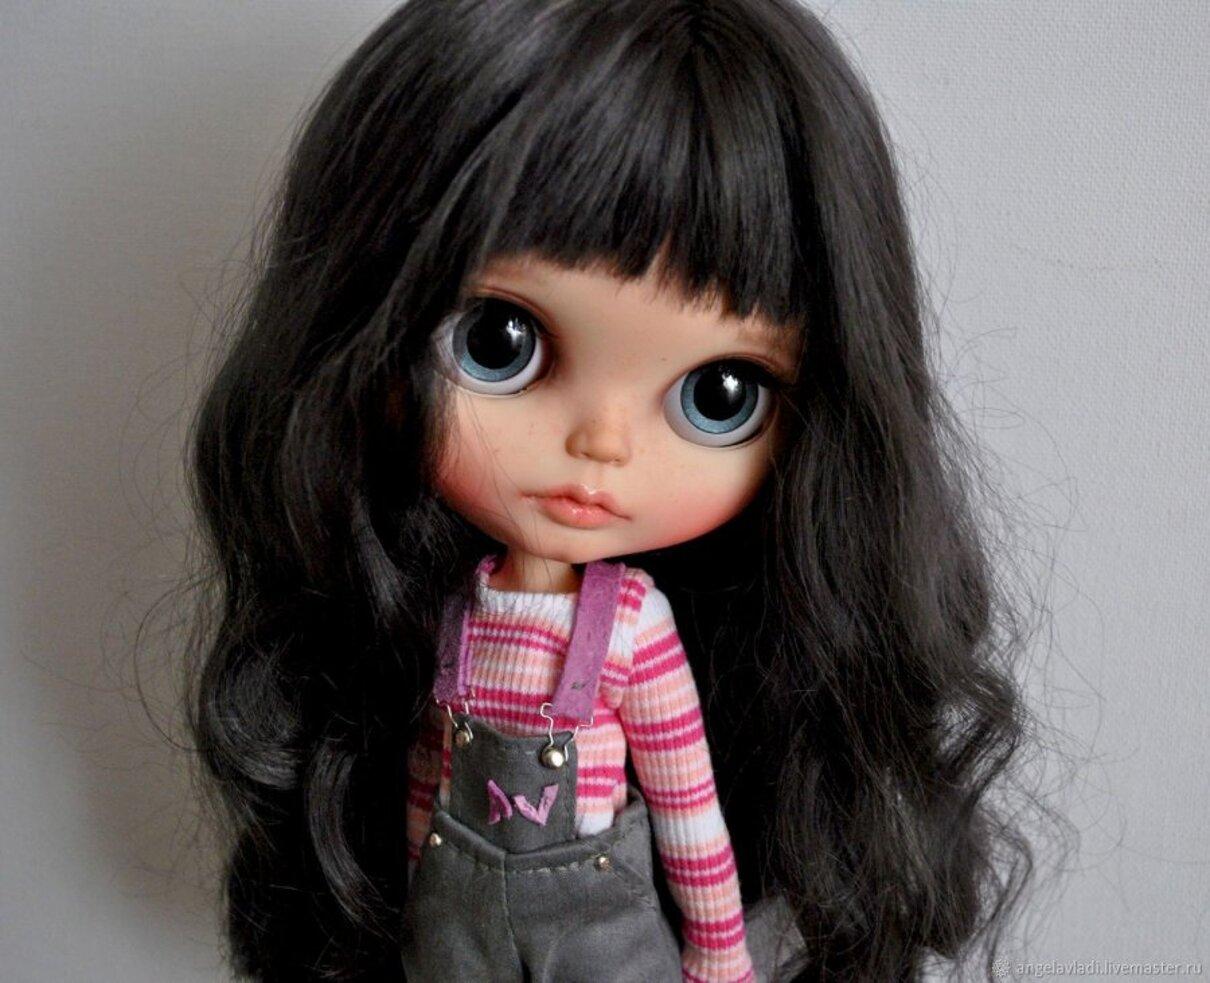 Жалоба-отзыв: Коллекционные куклы Blythe - Ожидание и реальность. Мошенничество чистой воды!.  Фото №1